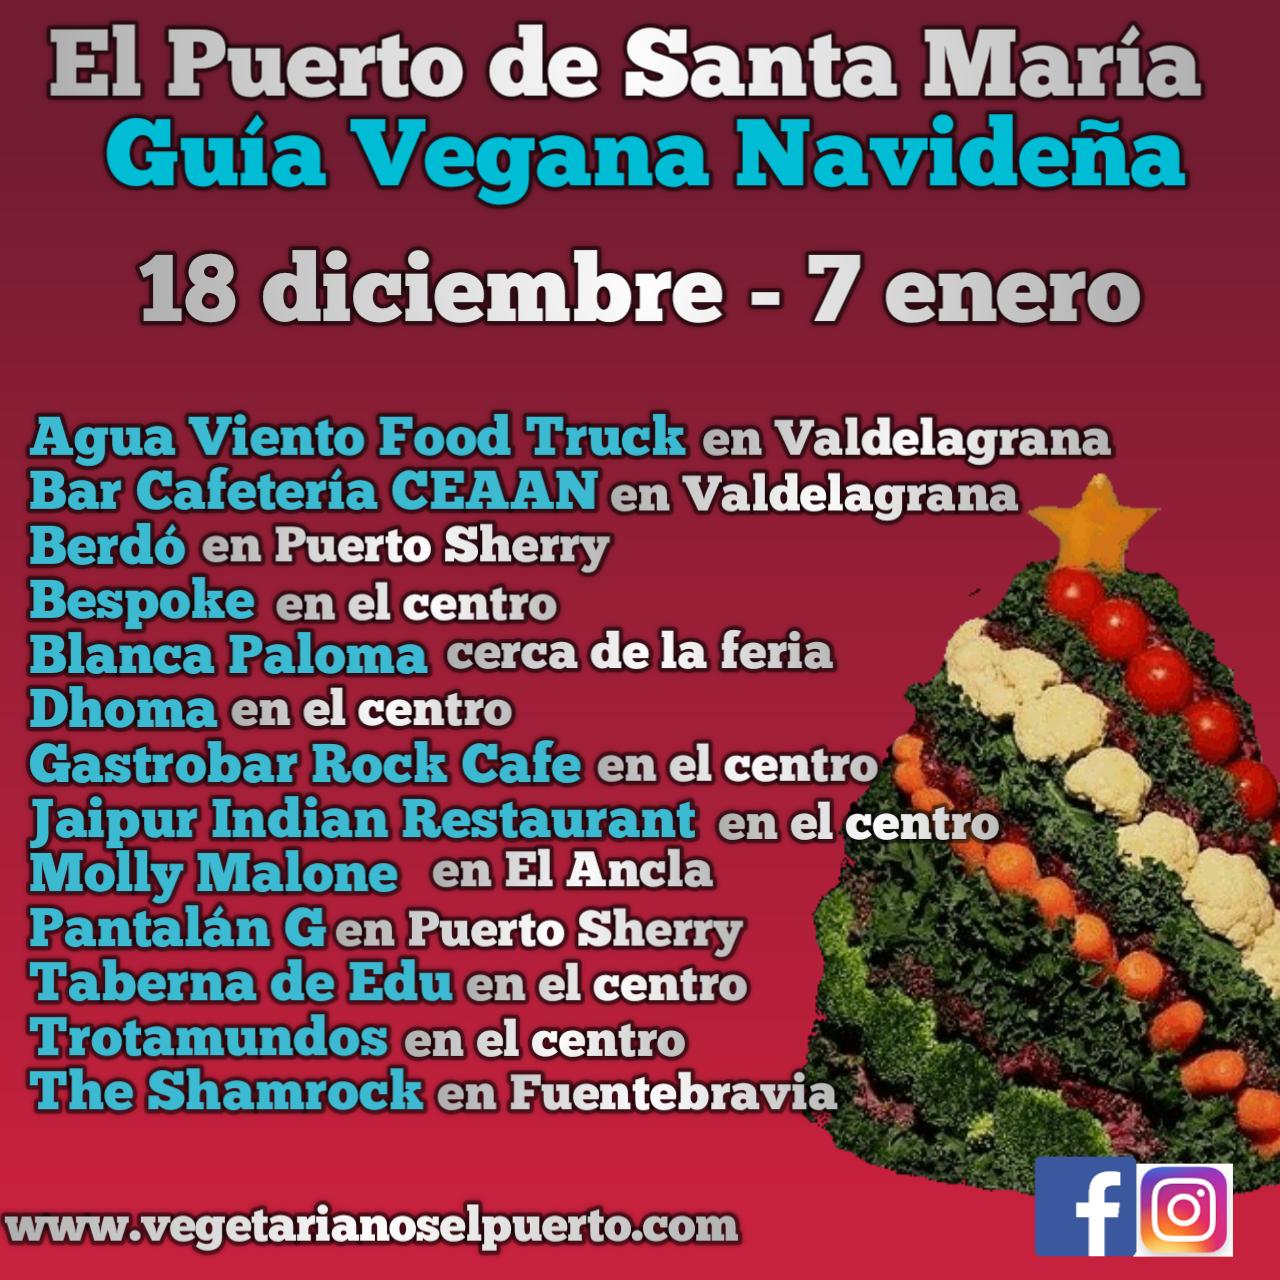 La Guía Vegana Navideña en El Puerto de Santa María.